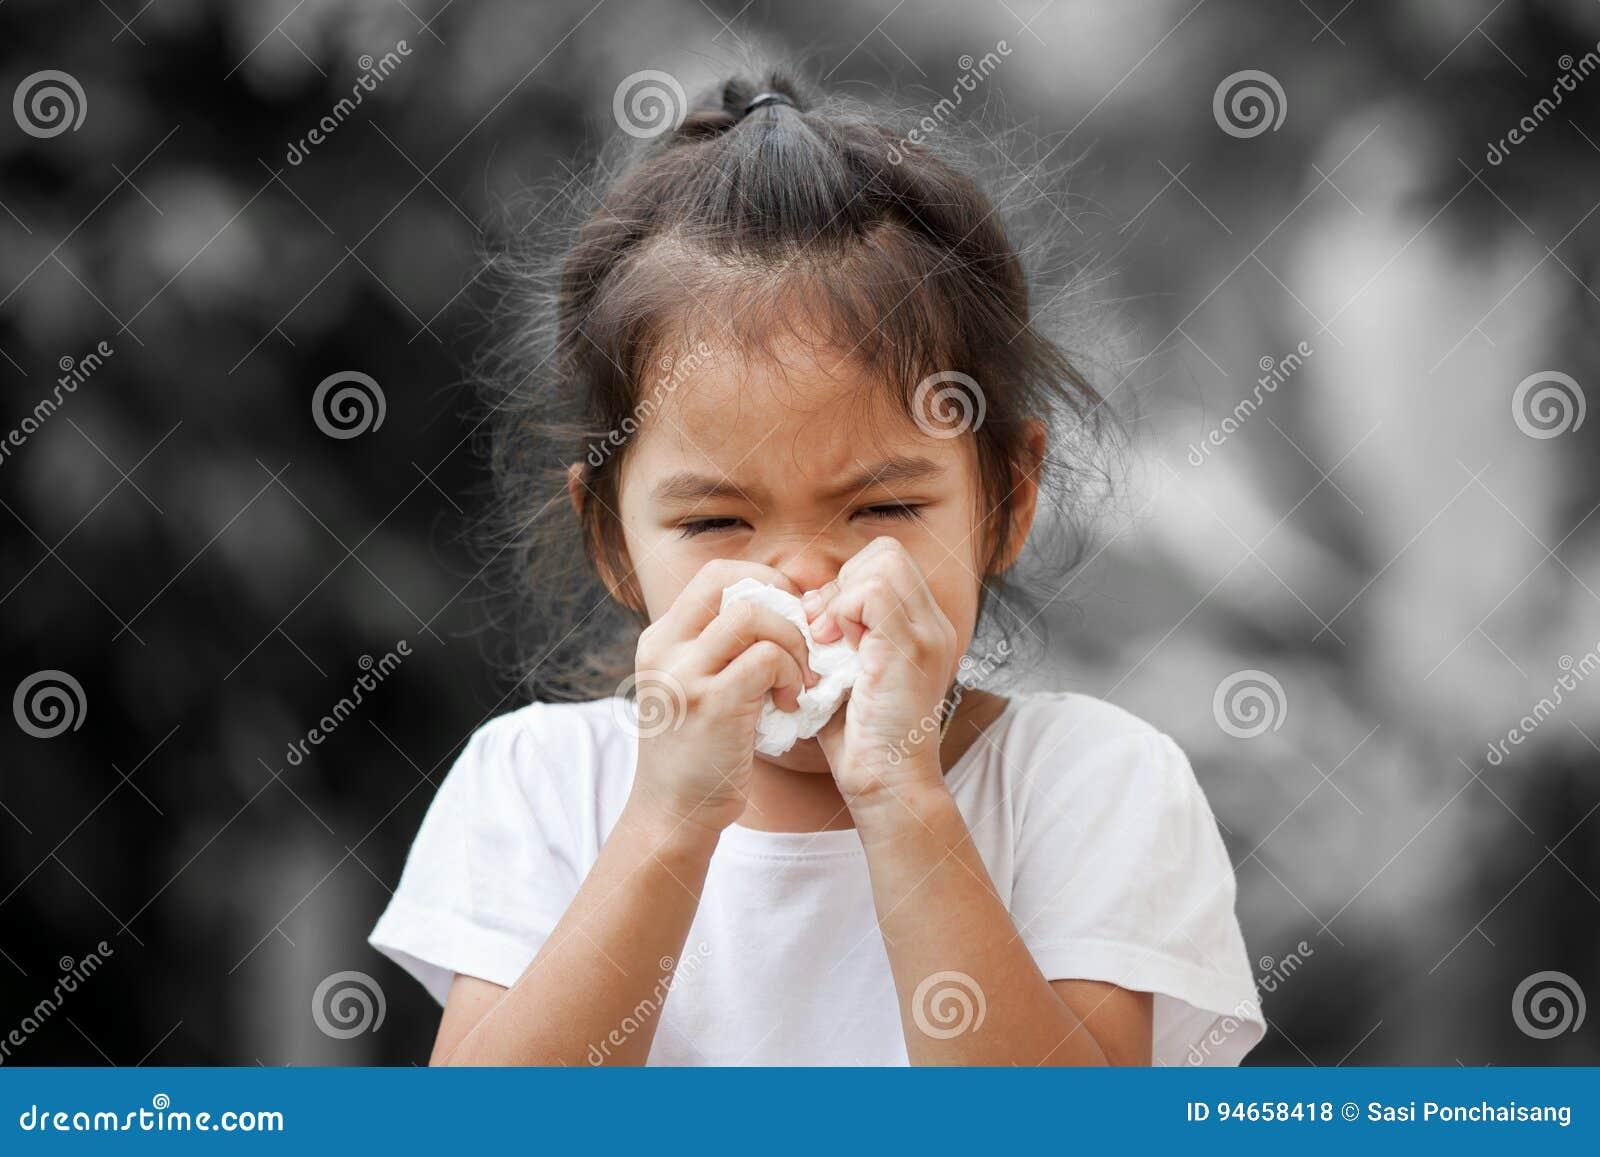 Nariz de limpeza ou de limpeza da menina asiática pequena doente com tecido